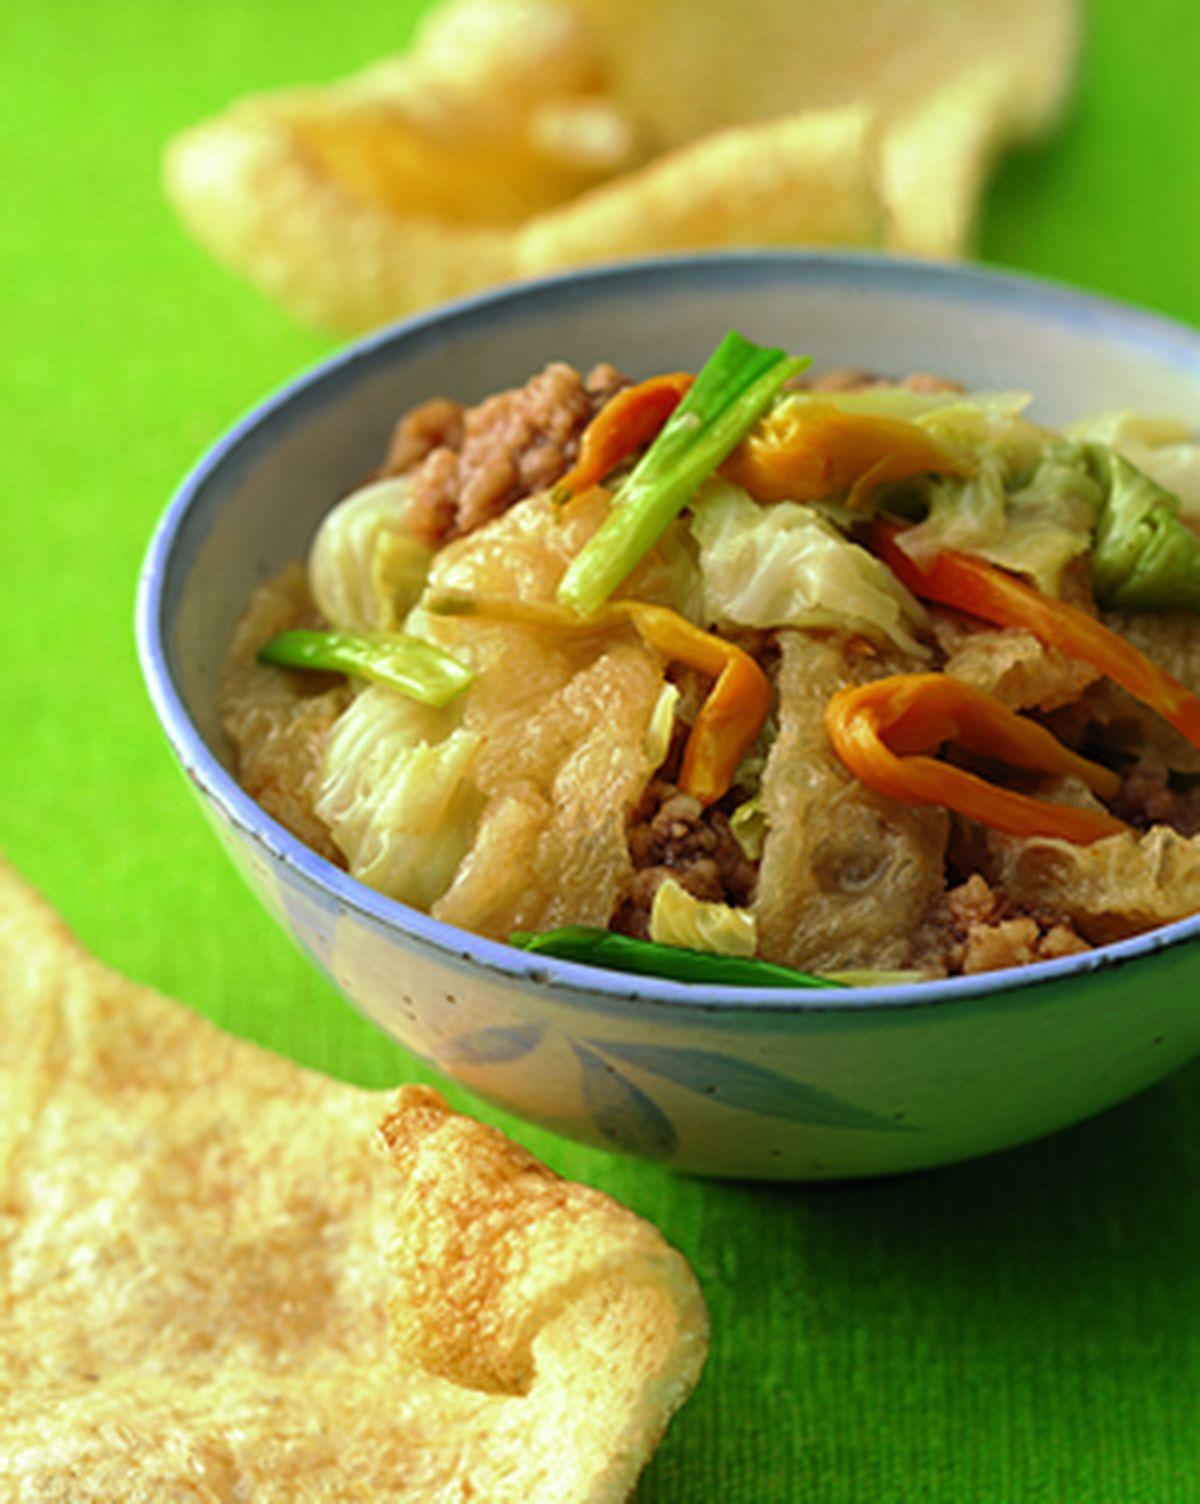 食譜:豬皮滷高麗菜